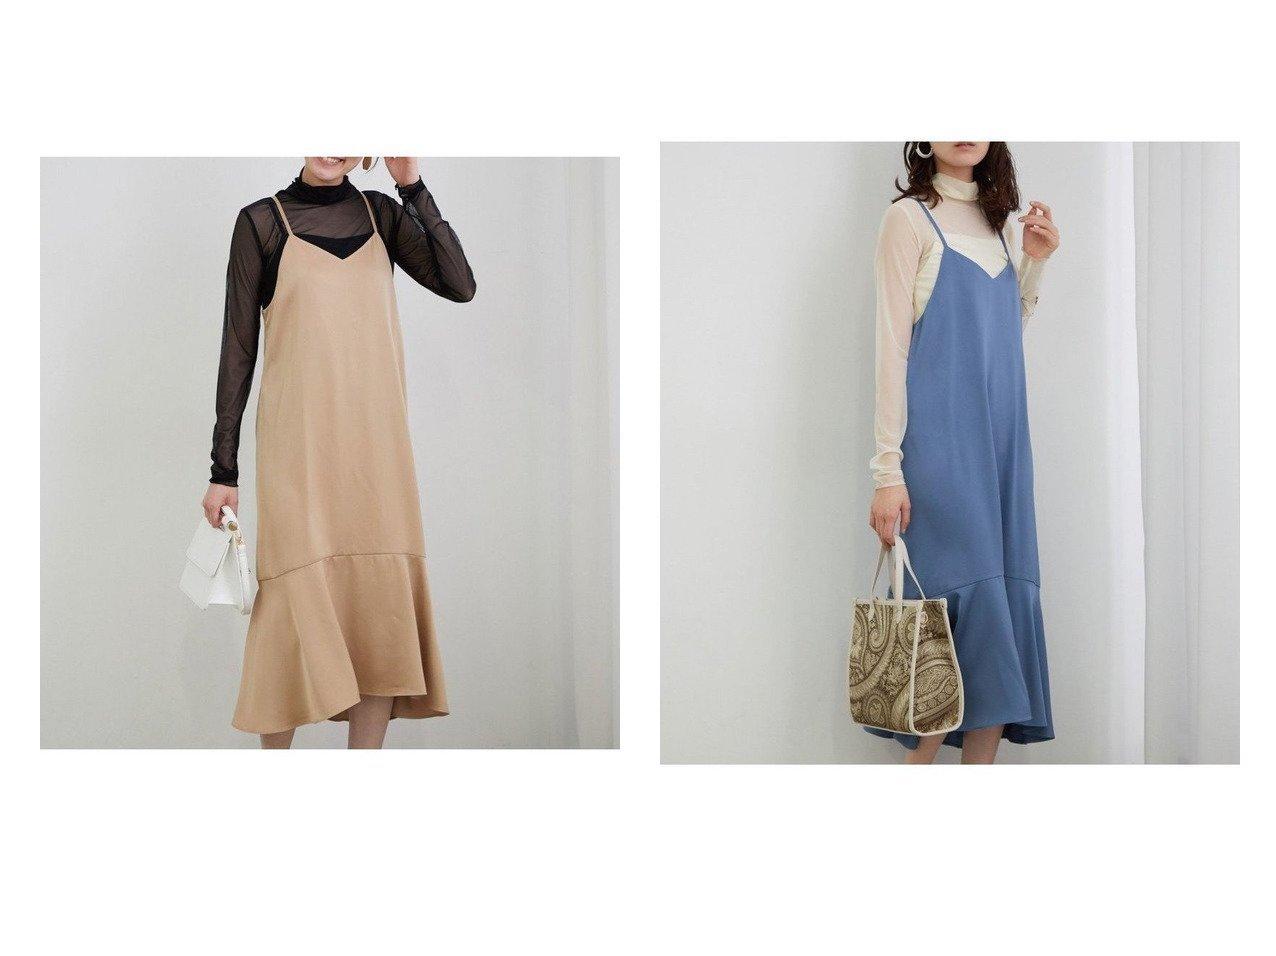 【VIS/ビス】のリトルフラワーキャミワンピース ワンピース・ドレスのおすすめ!人気、トレンド・レディースファッションの通販 おすすめで人気の流行・トレンド、ファッションの通販商品 メンズファッション・キッズファッション・インテリア・家具・レディースファッション・服の通販 founy(ファニー) https://founy.com/ ファッション Fashion レディースファッション WOMEN ワンピース Dress キャミワンピース No Sleeve Dresses NEW・新作・新着・新入荷 New Arrivals キャミソール サテン シアー トレンド ハイネック フラワー フレア プリント ポケット 無地 |ID:crp329100000016177